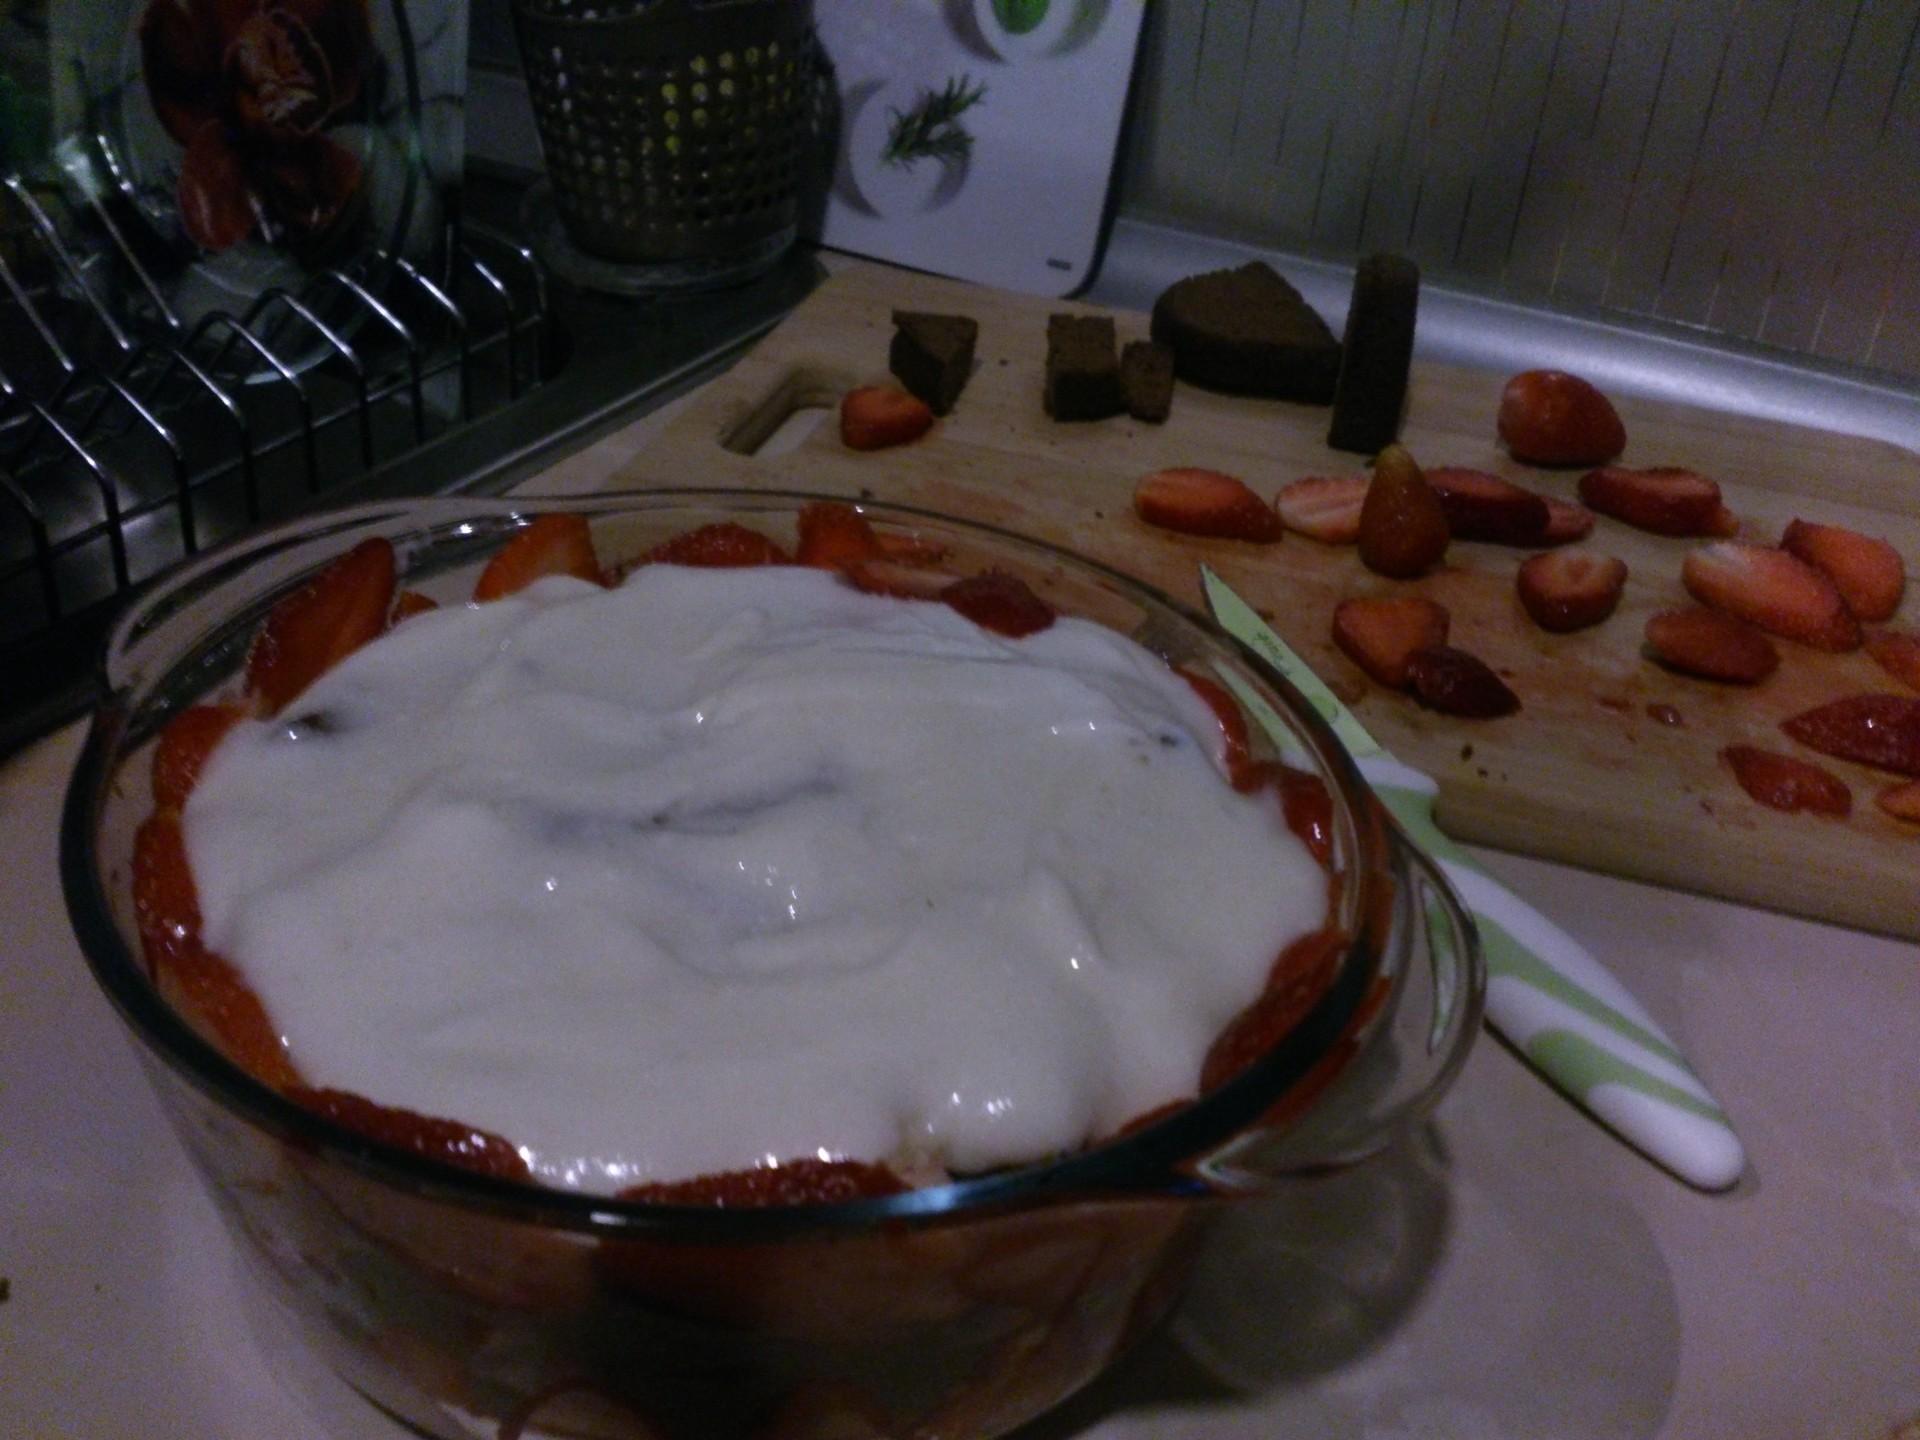 Receta de trifle de fresas